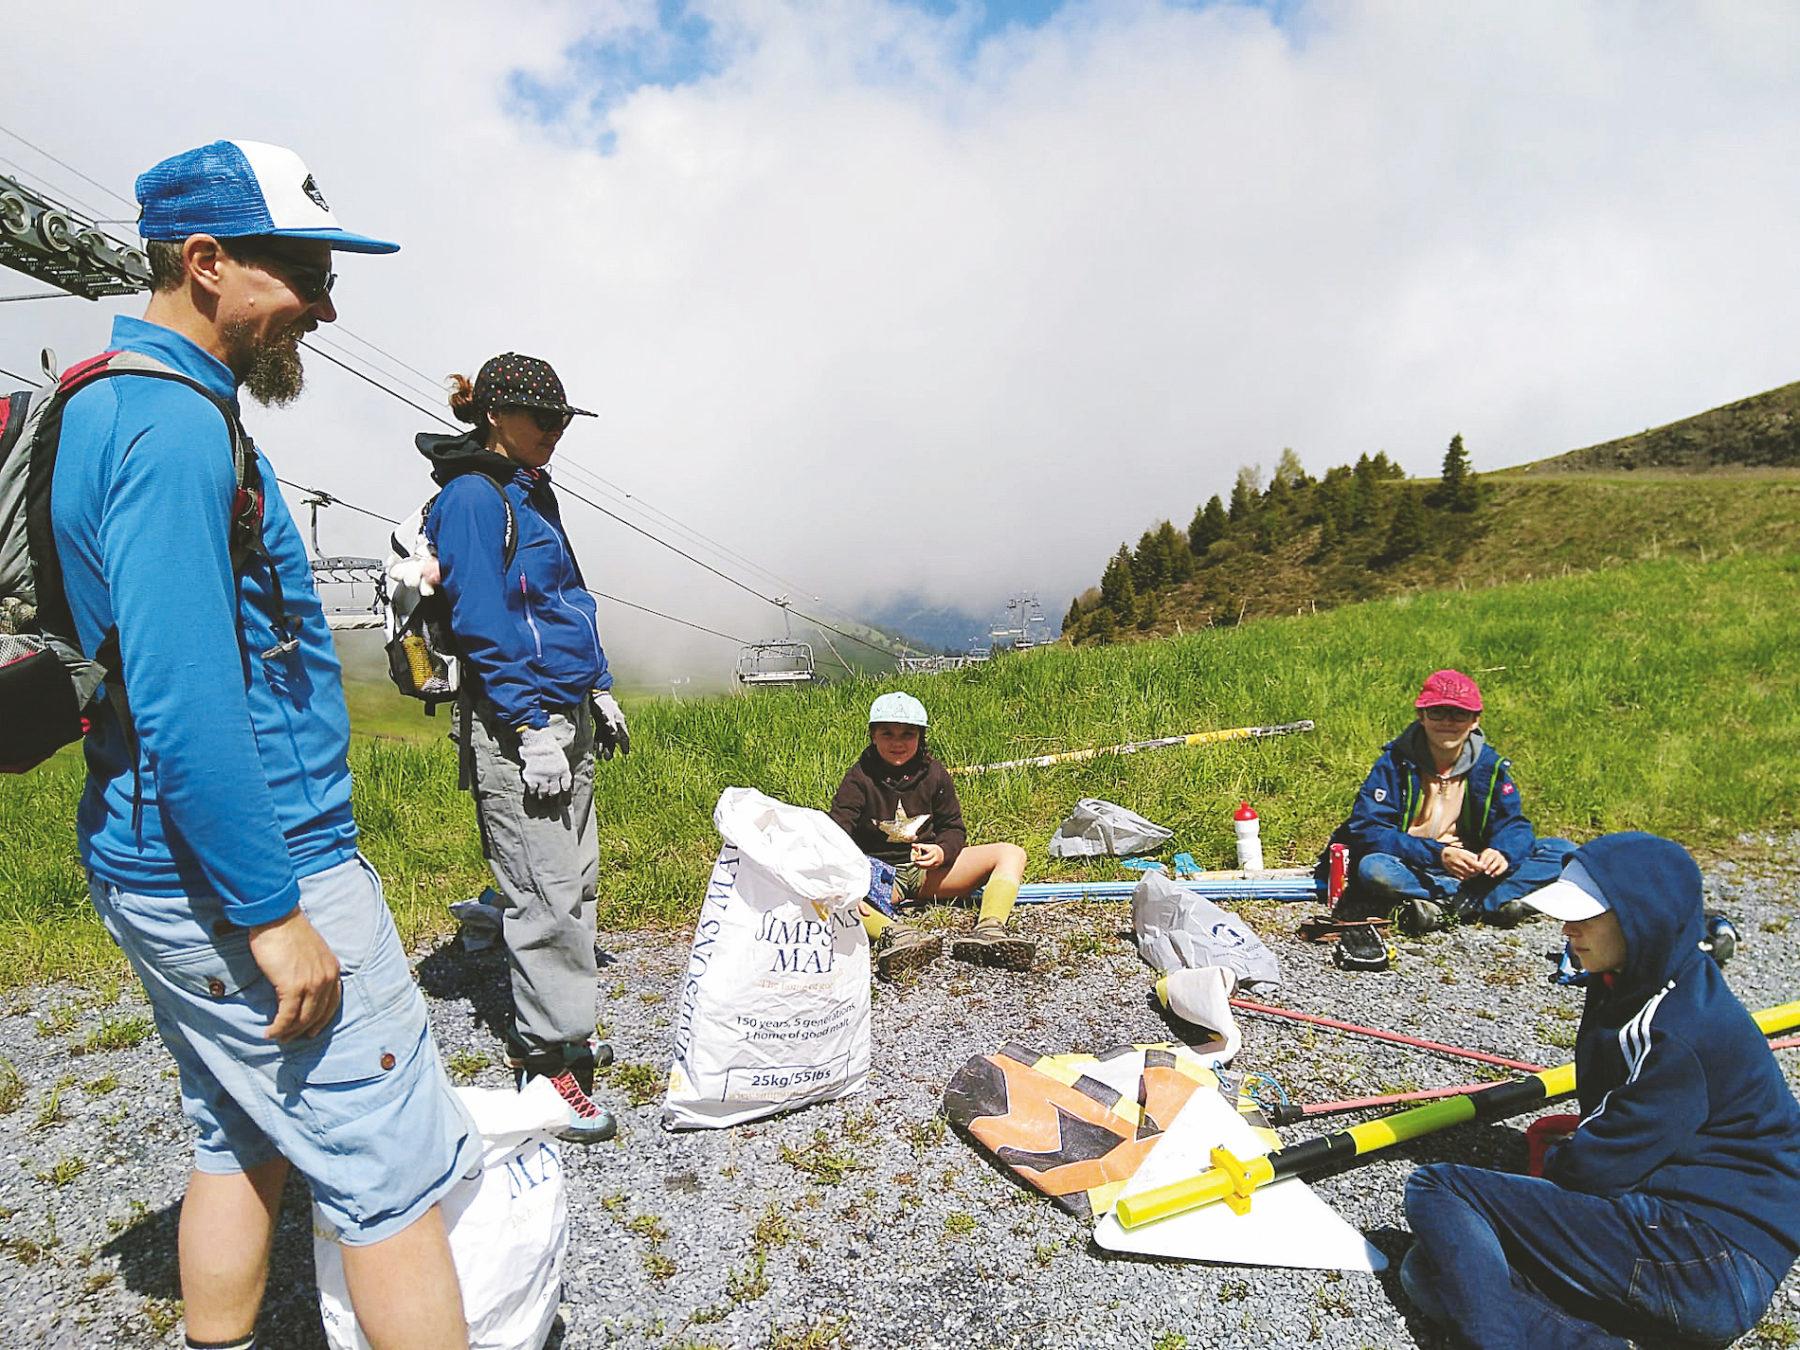 De l'art d'allier préservation des sommets et convivialité